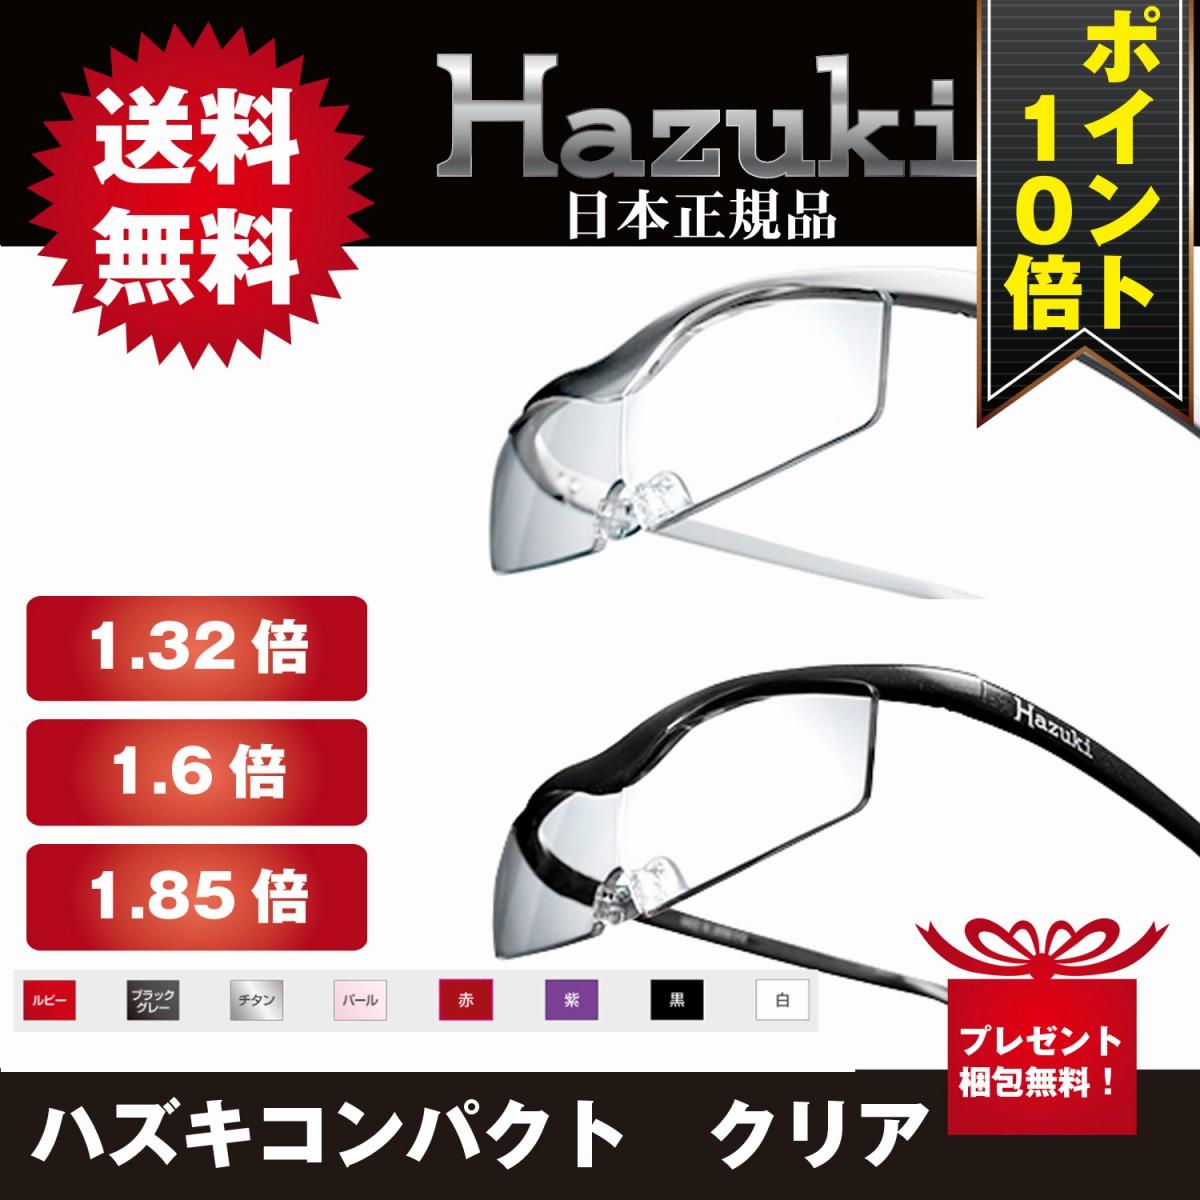 ハズキルーペ コンパクト クリア 1.32倍 1.6倍 1.85倍拡大鏡 ルーペ ハズキ 老眼鏡 Hazuki メガネタイプ 虫眼鏡 プリヴェAG 正規品